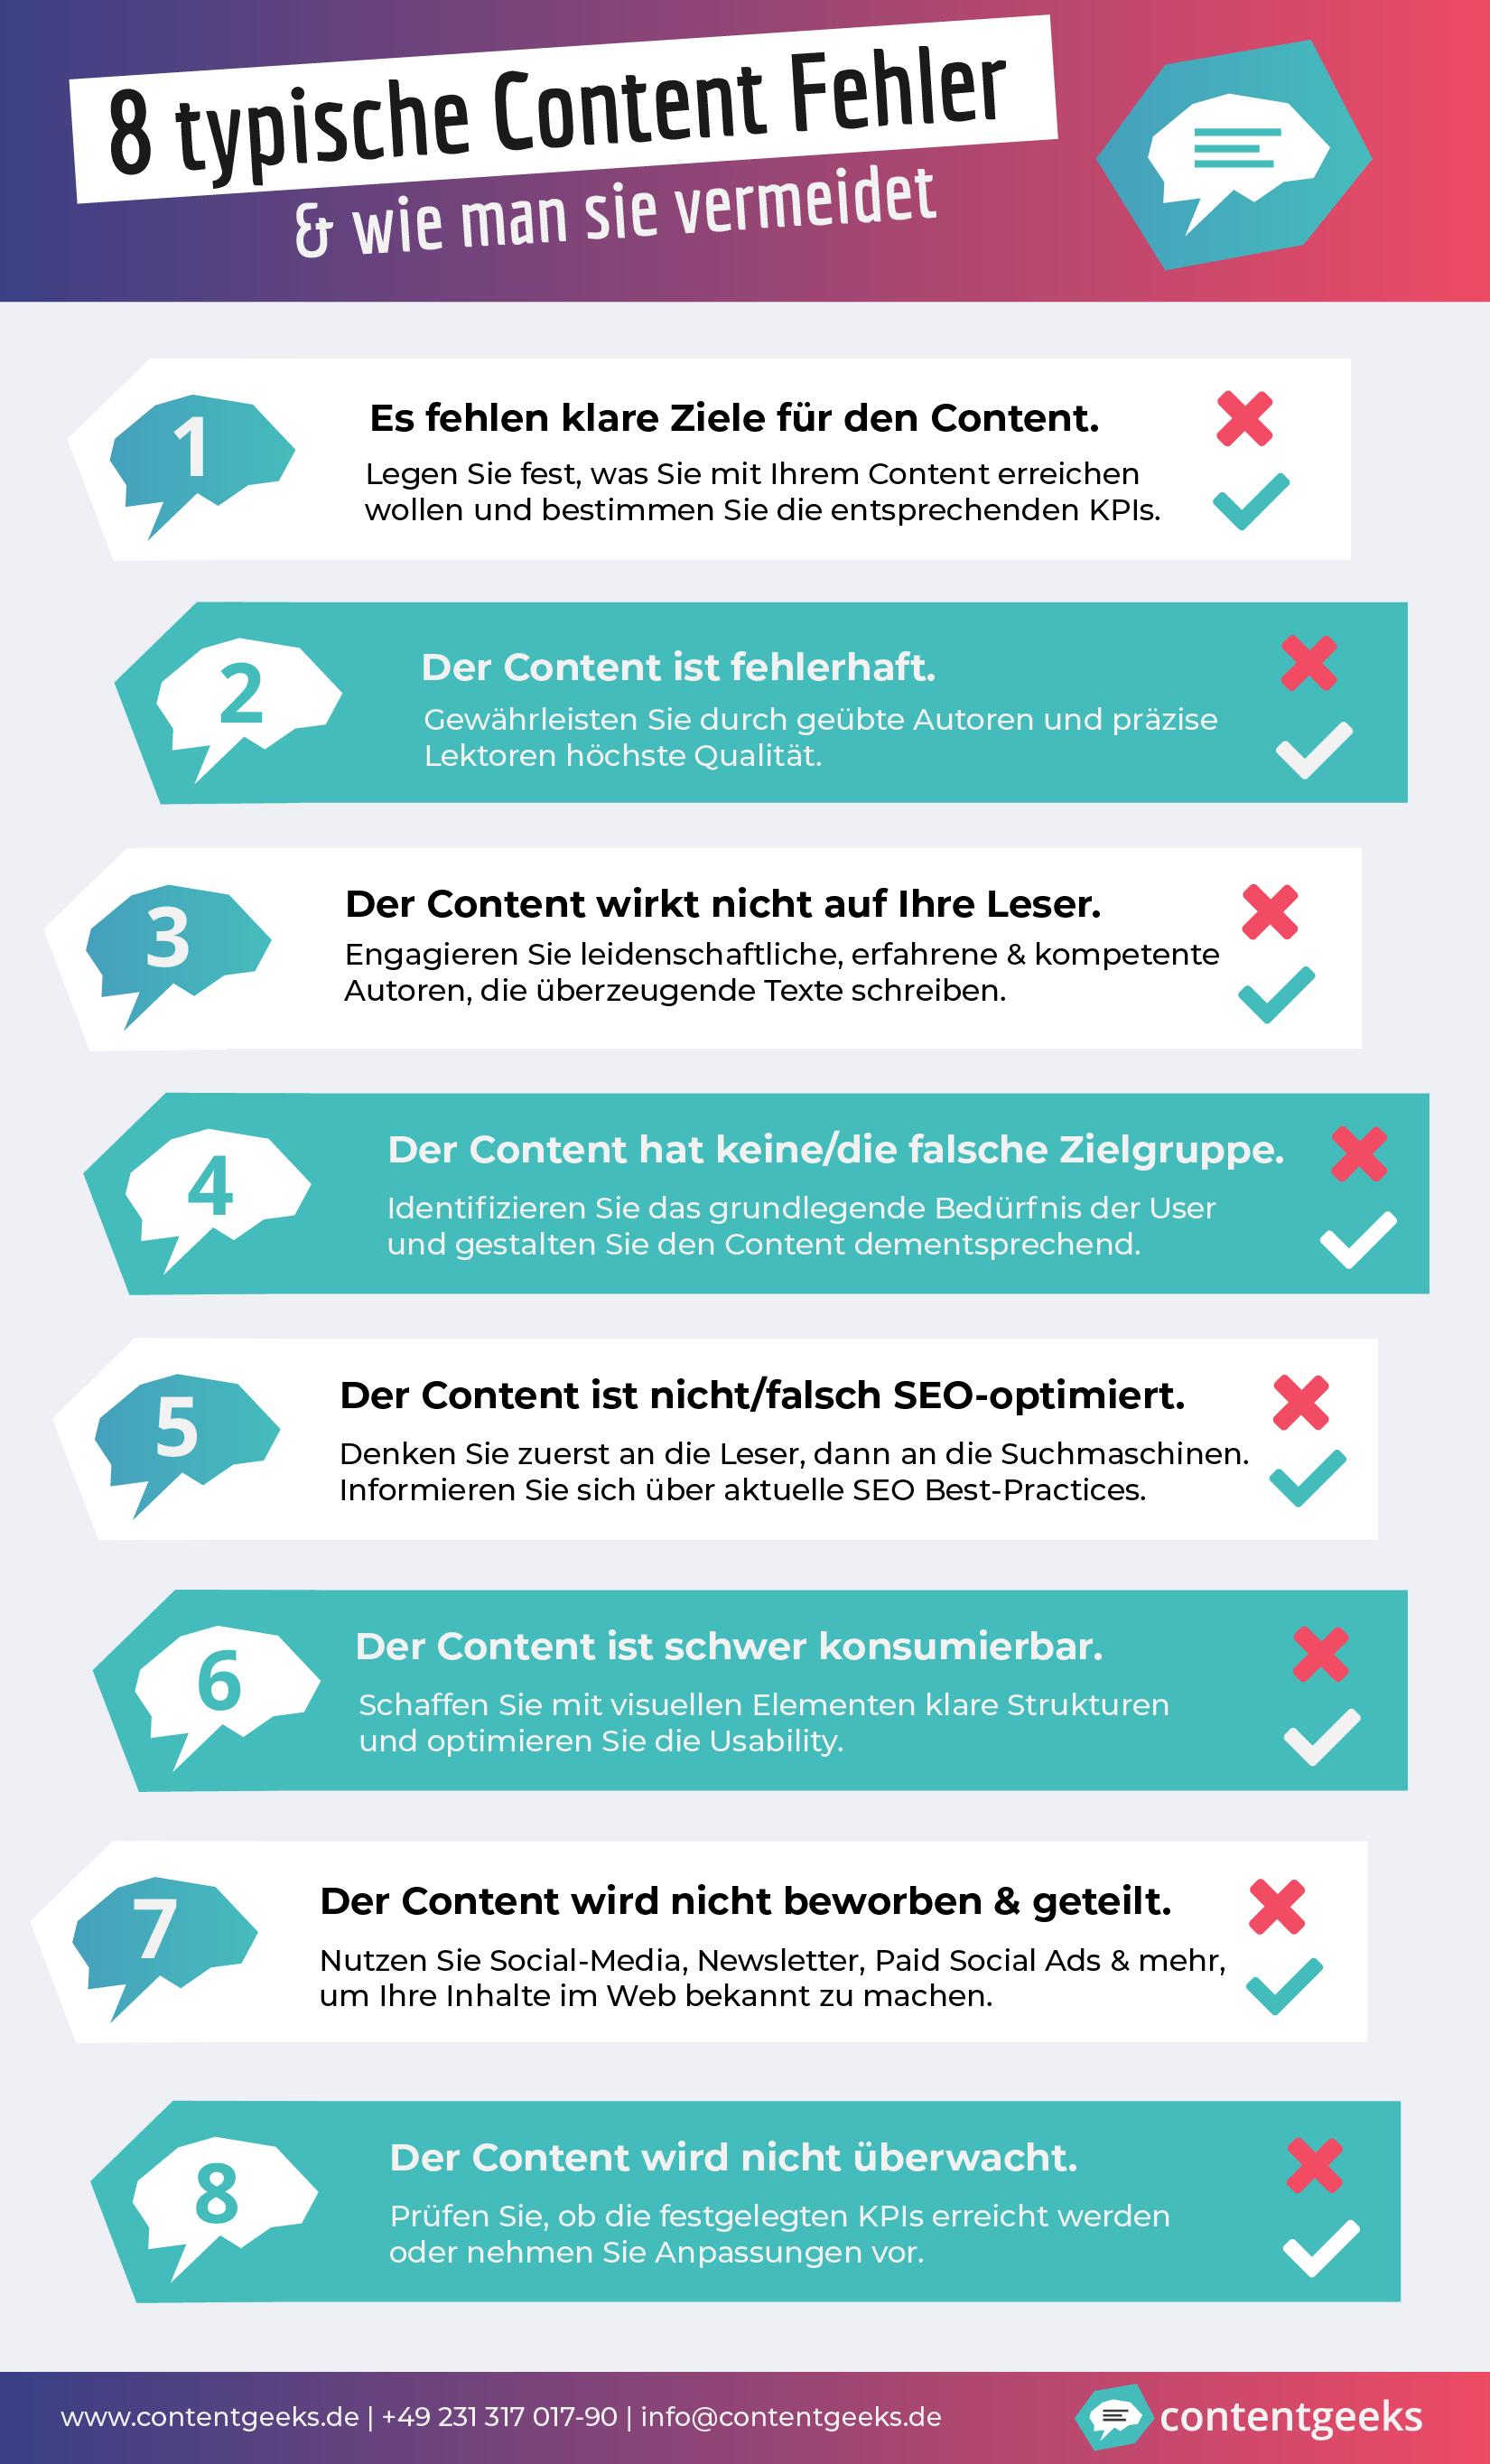 Die 8 häufigsten Content-Fehler als Infografik